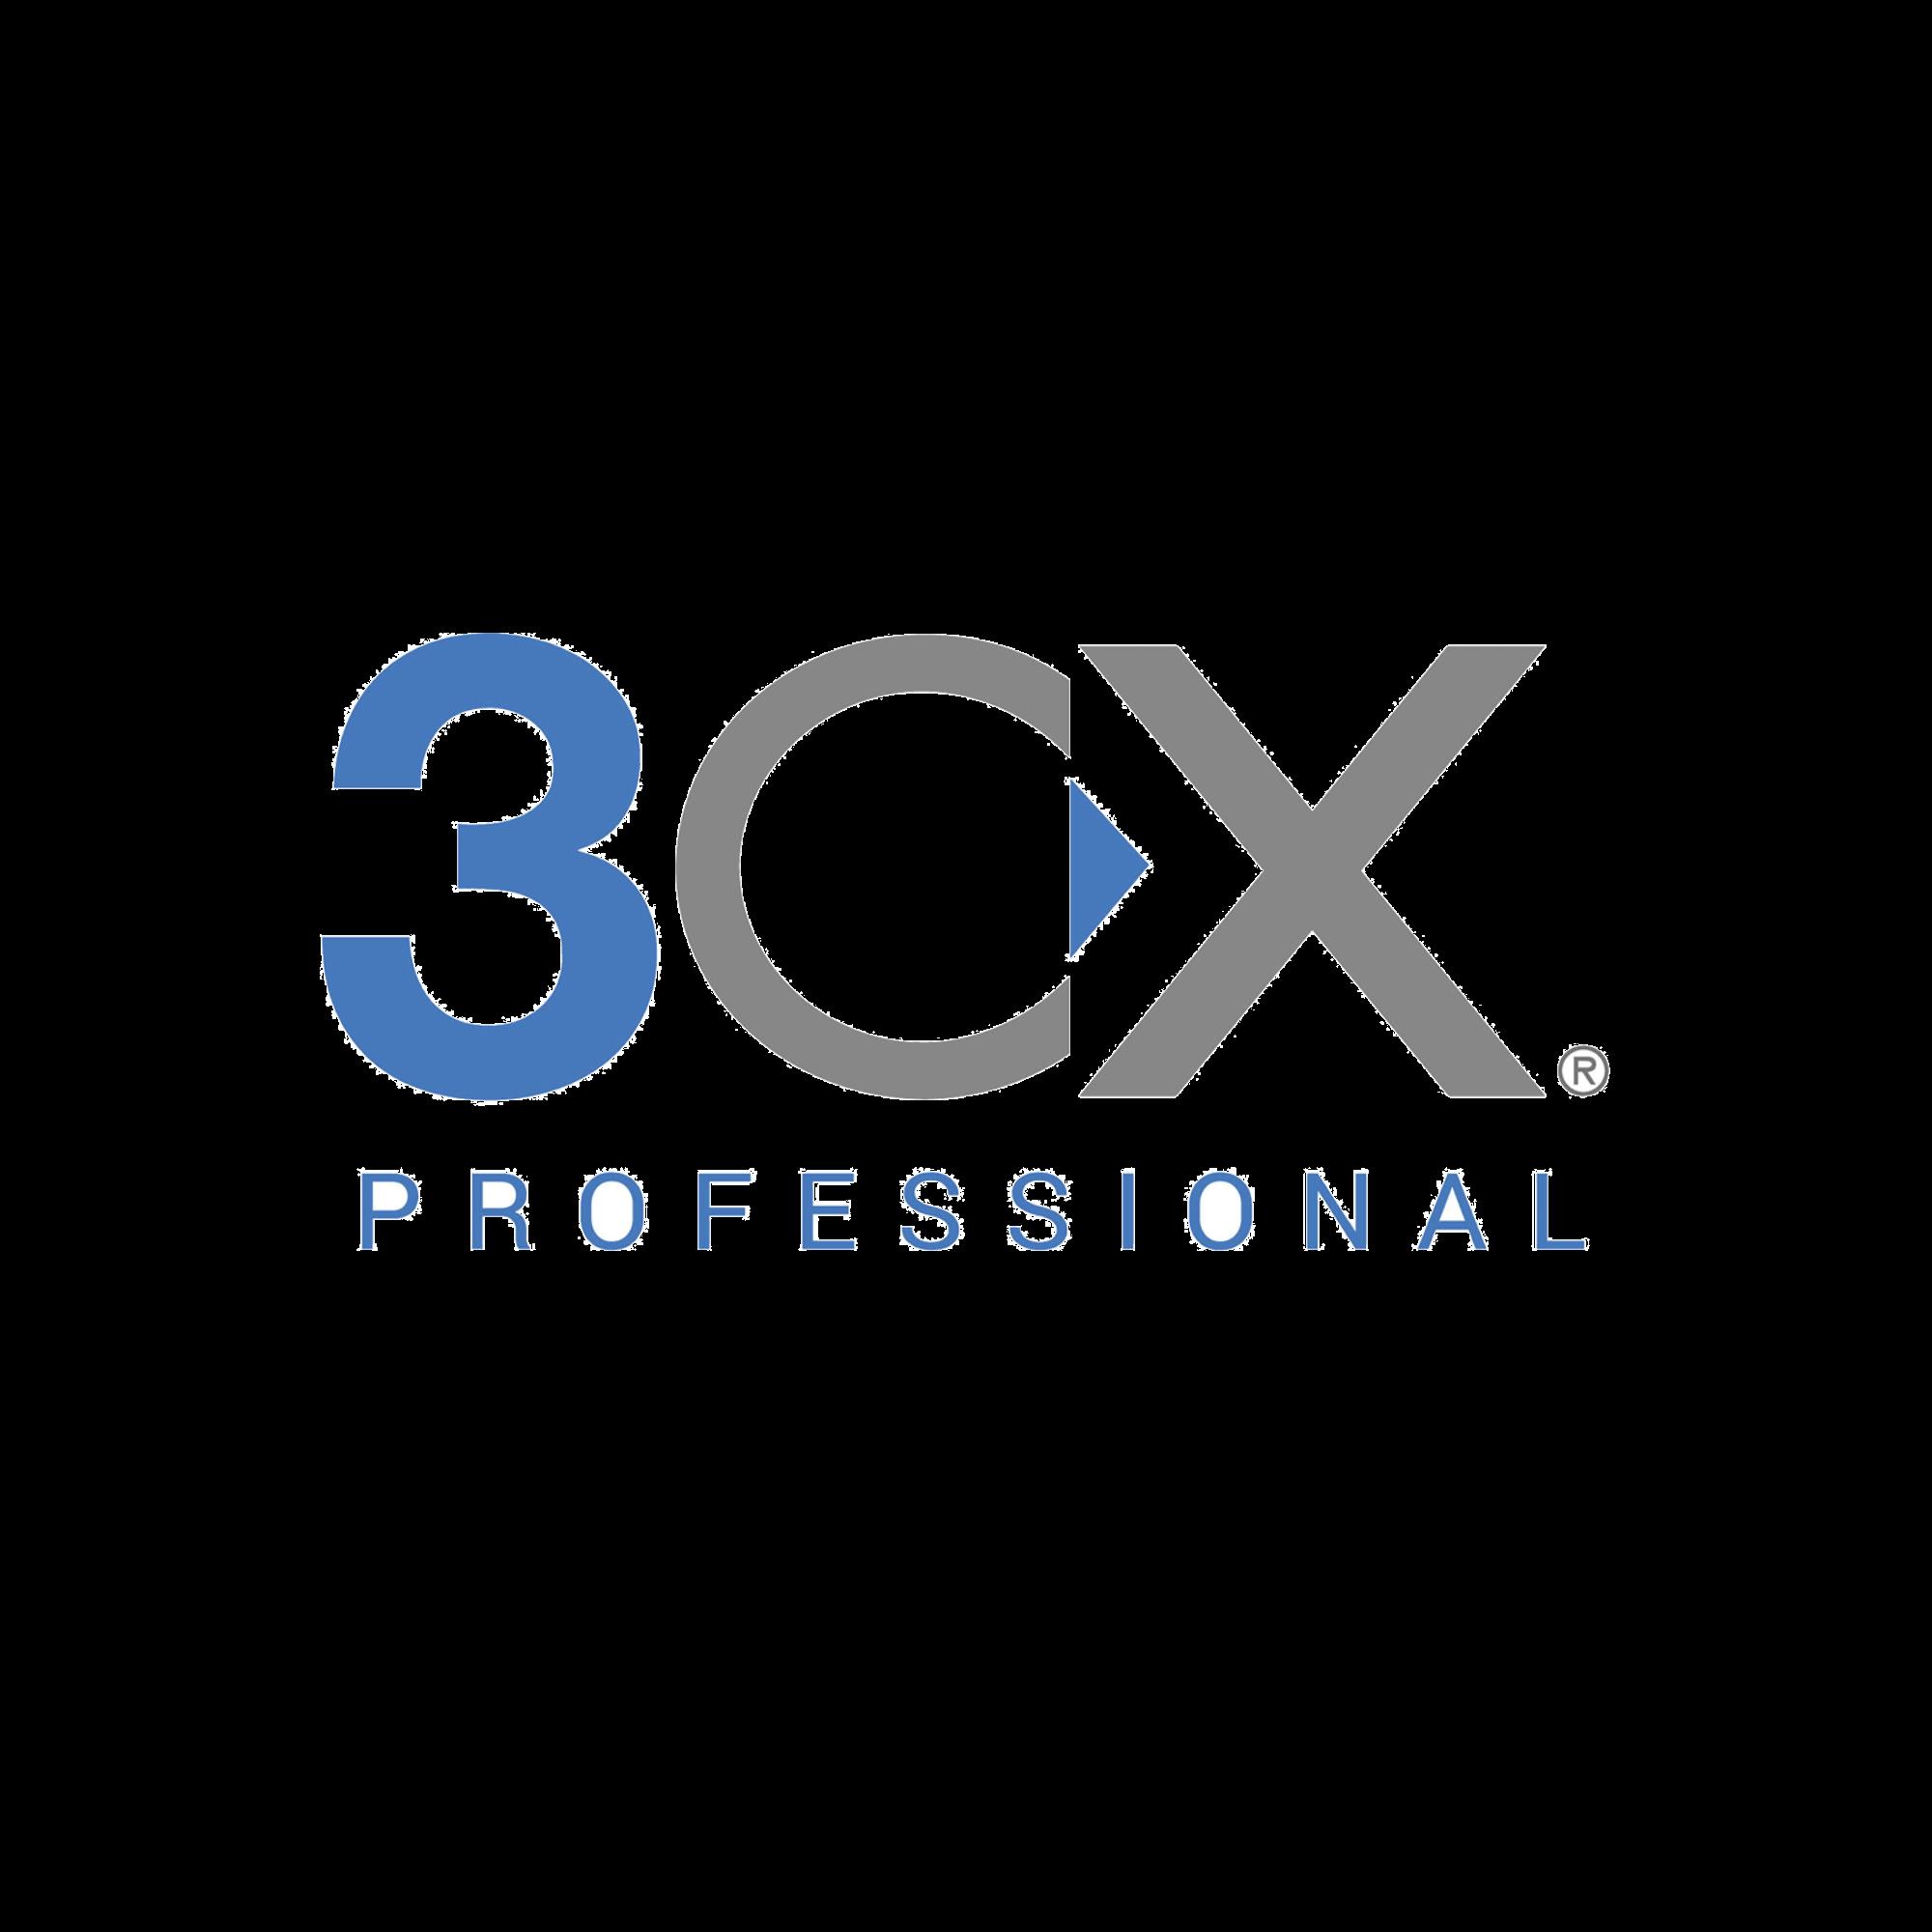 Licencia anual de 3CX Professional para 128 llamadas simultáneas y extensiones ilimitadas